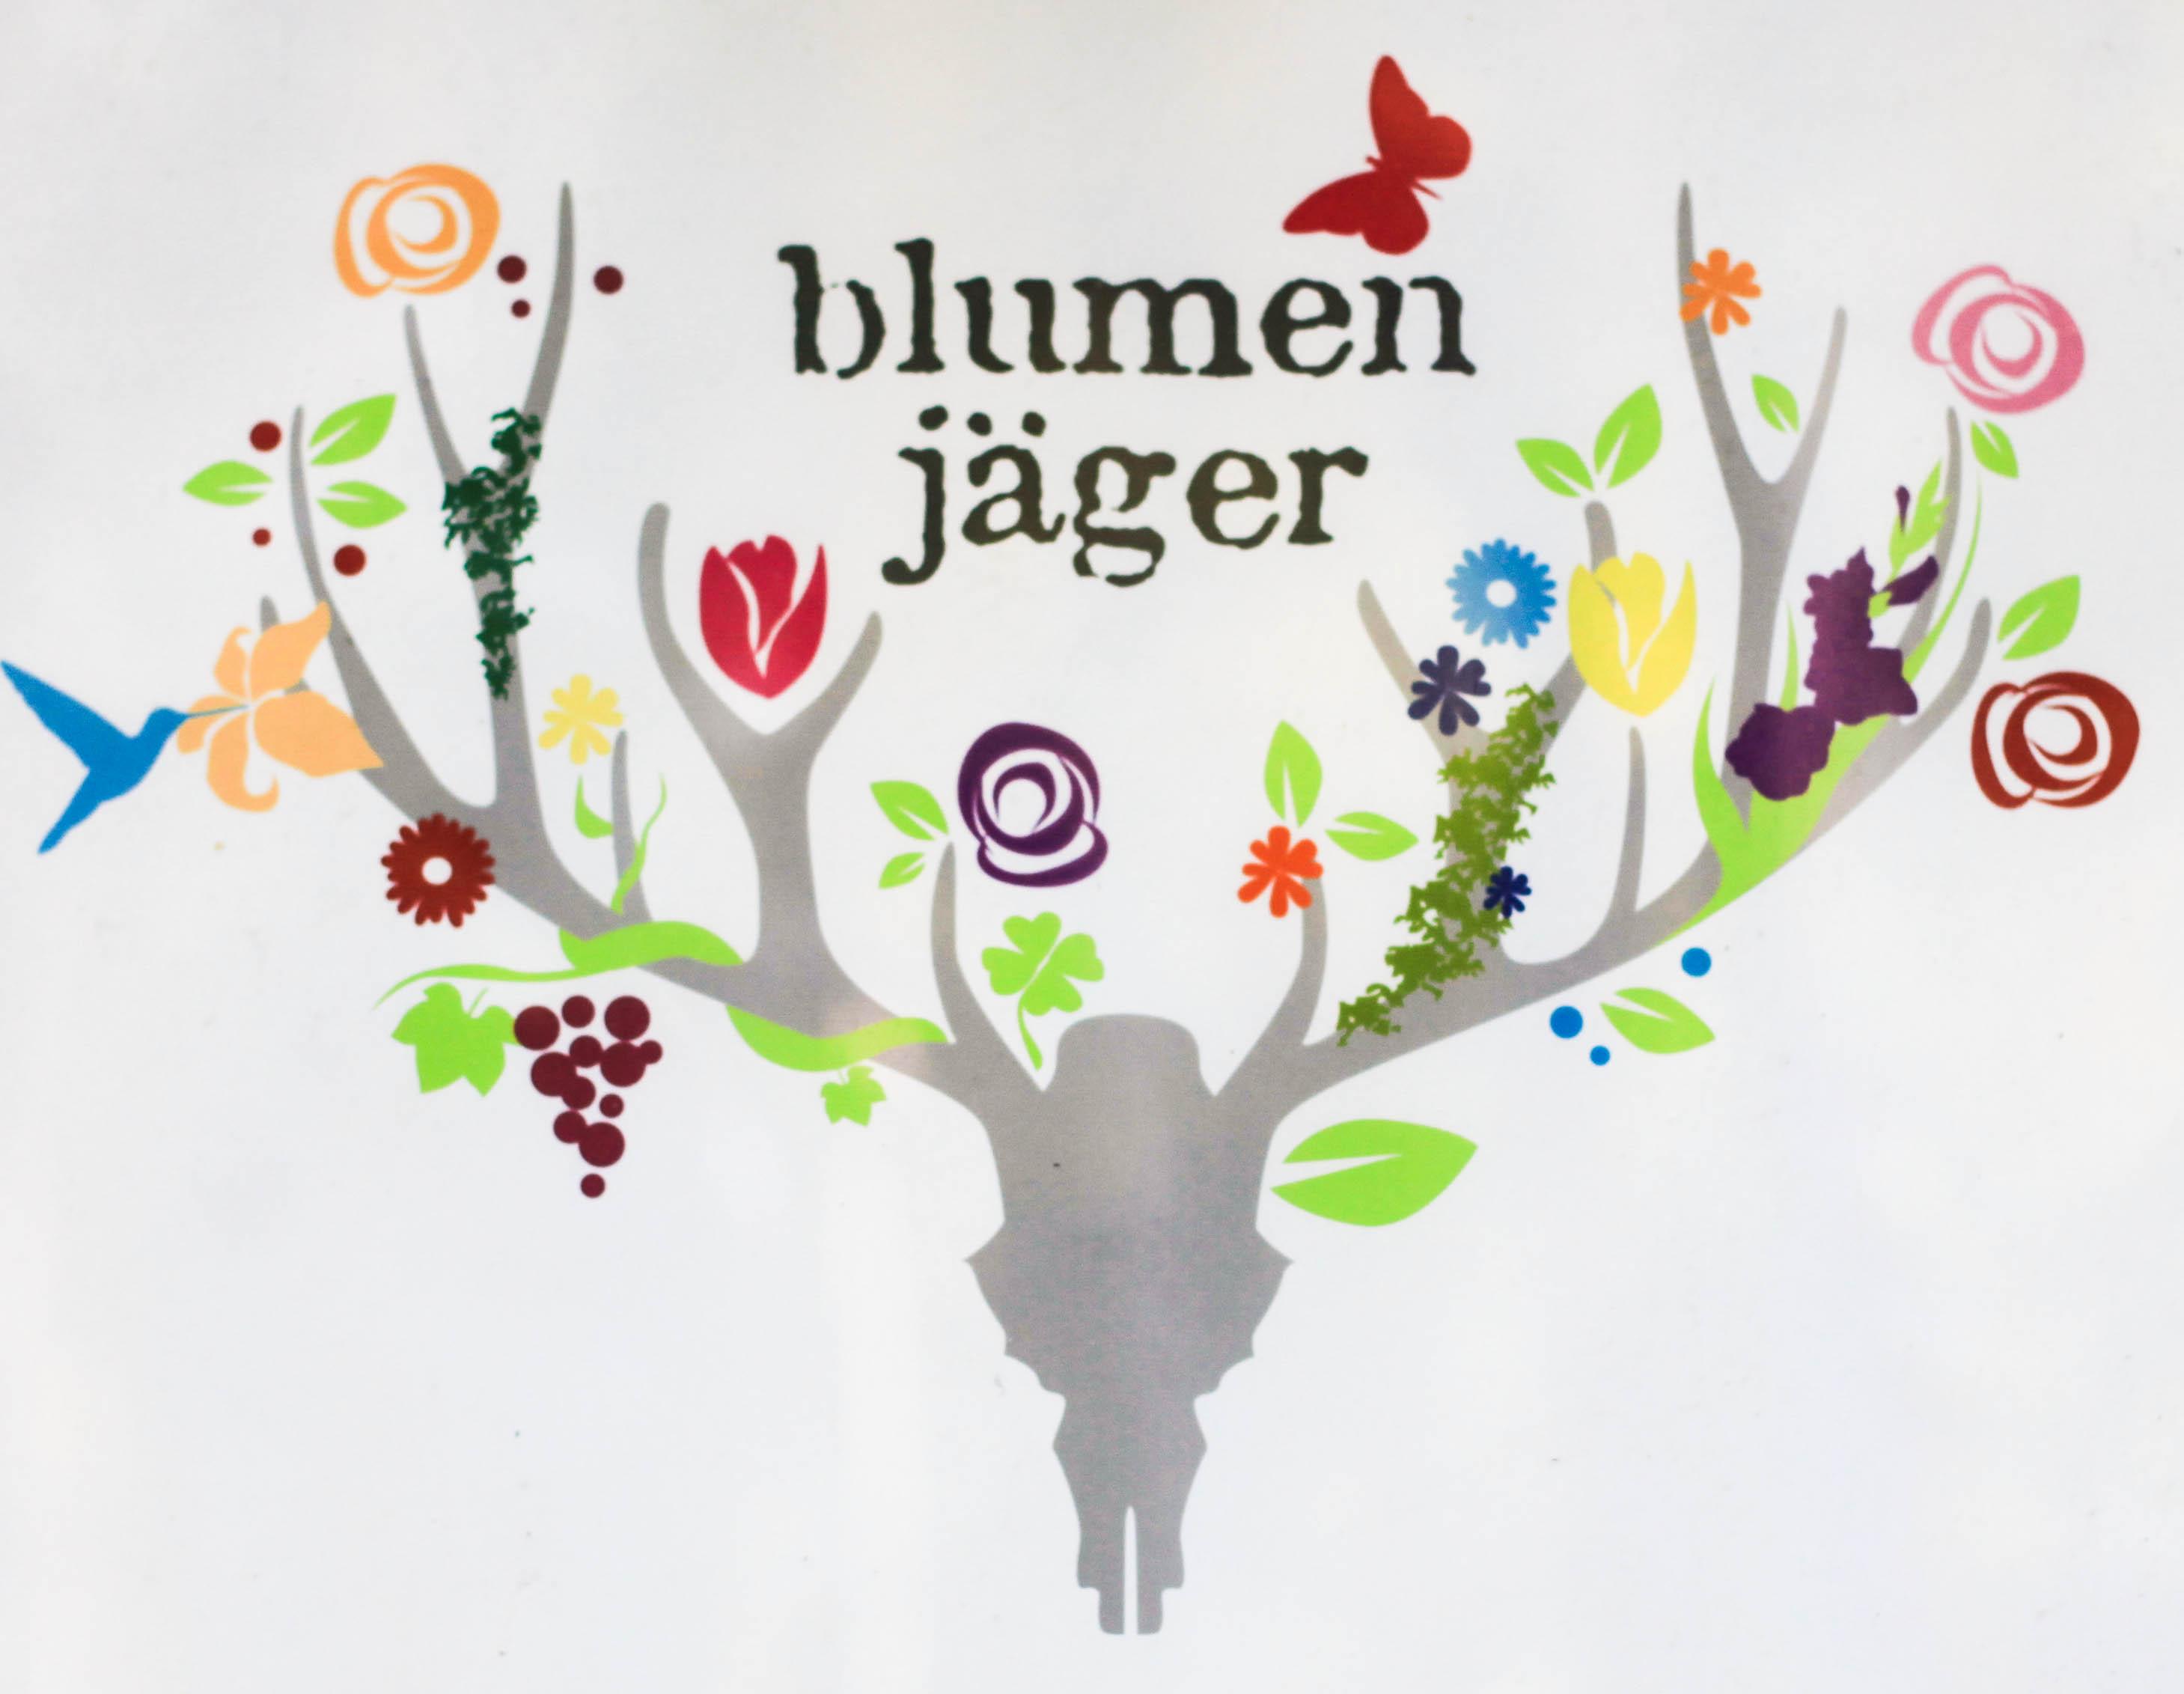 Das Logo vom Blumenjäger ist gelungen!